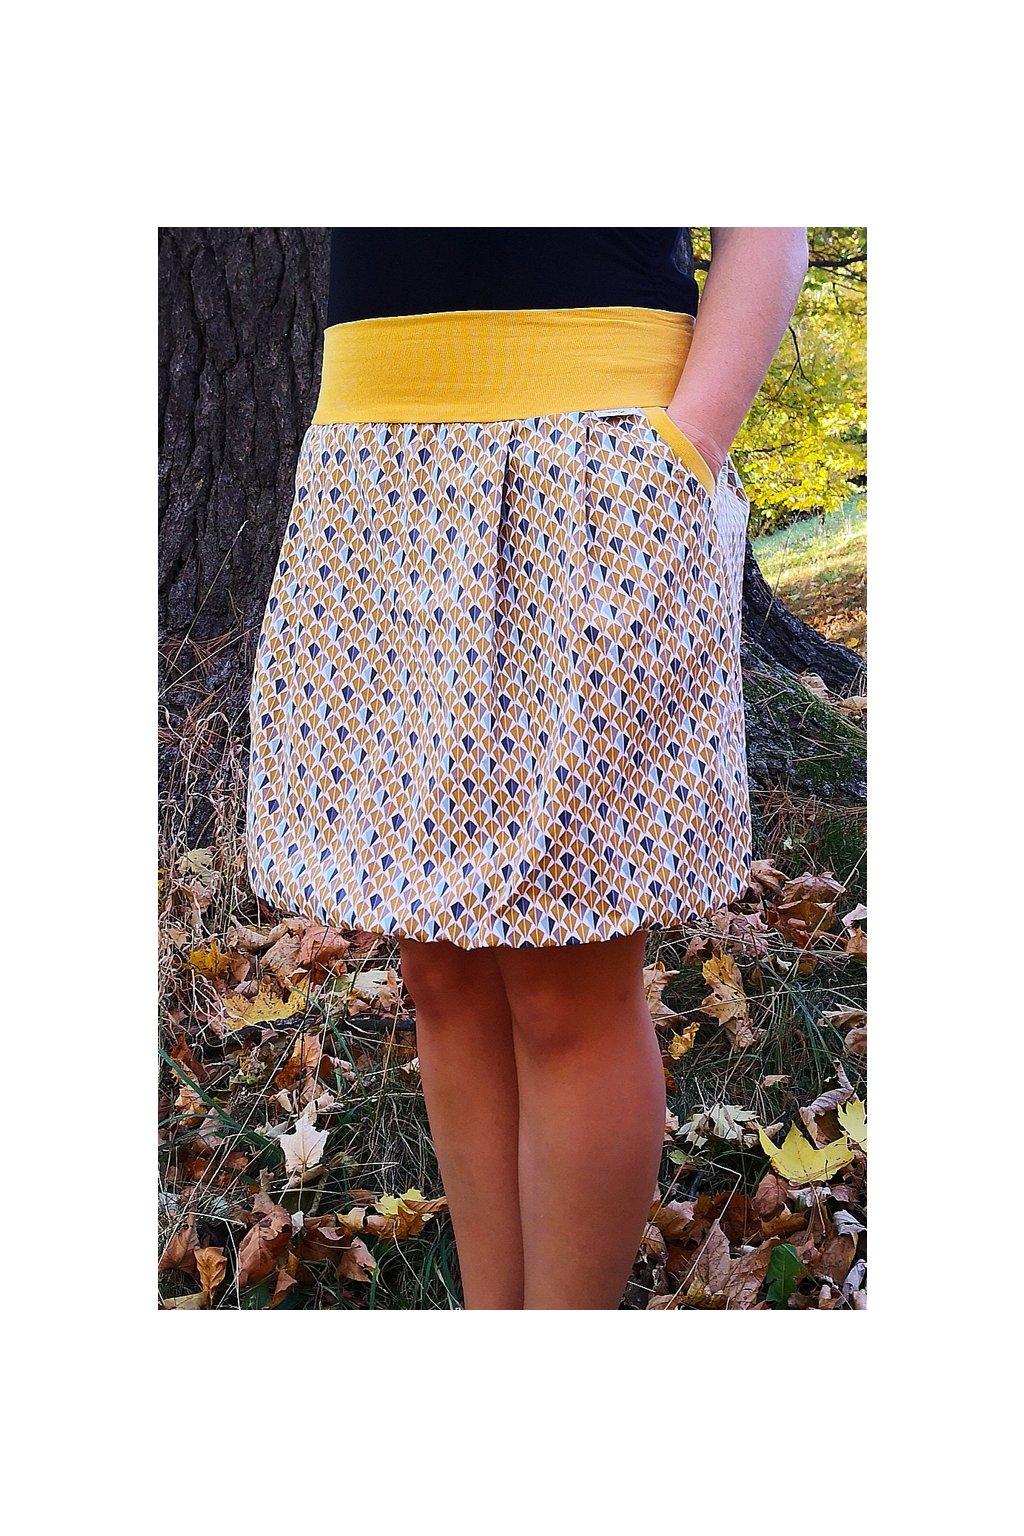 SKLADEM - Balonová sukně Diamanty okrové velikost S-M, délka 48 cm   plátno